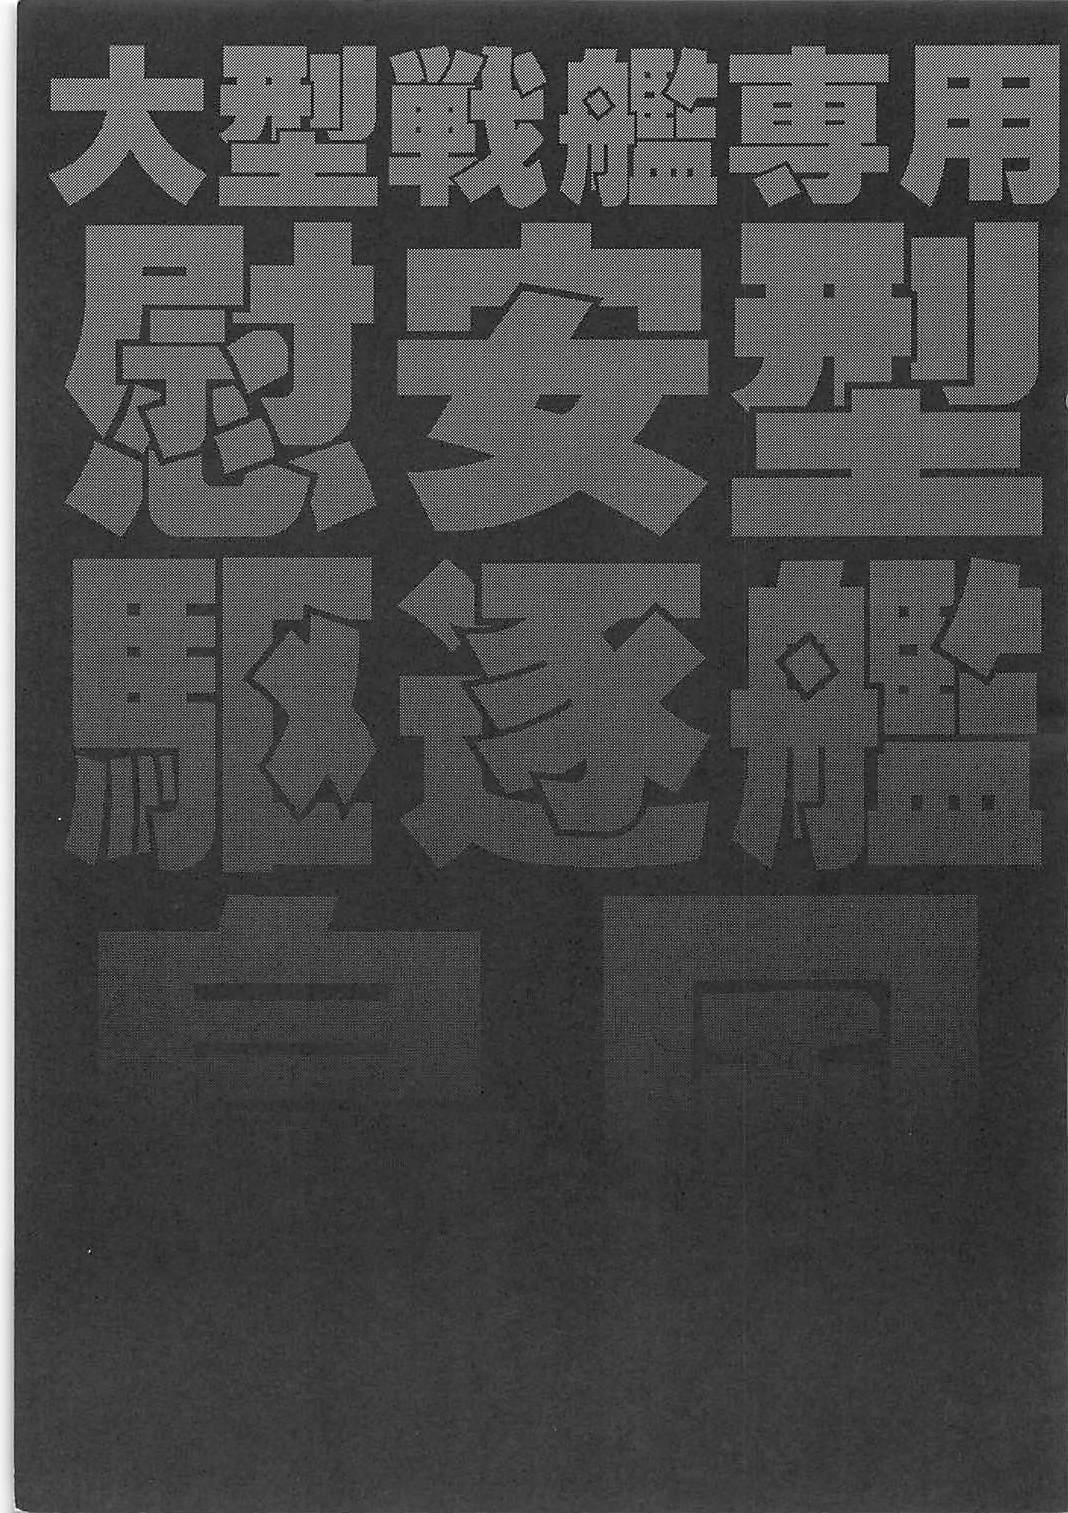 Oogata Senkan Senyou Ian-gata Kuchikukan Shimakaze 1